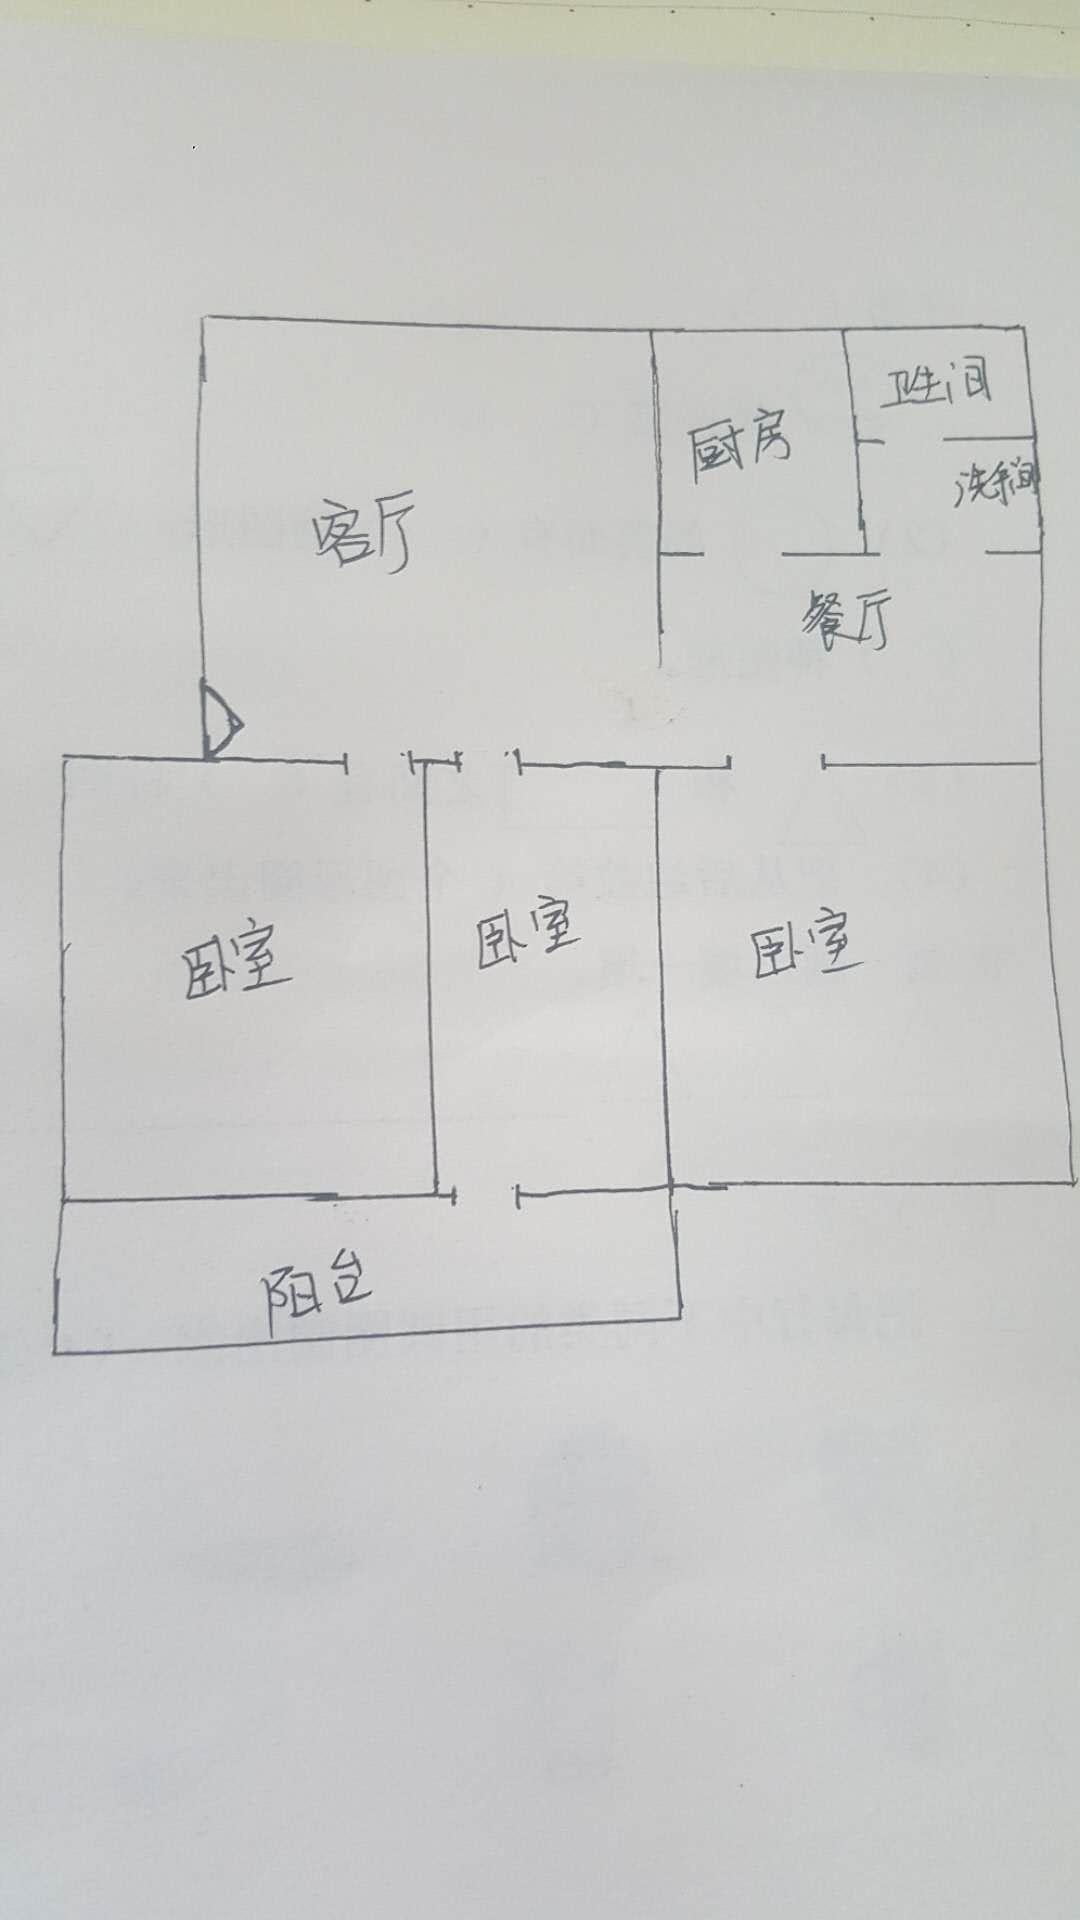 新华小区 3室2厅  简装 120万